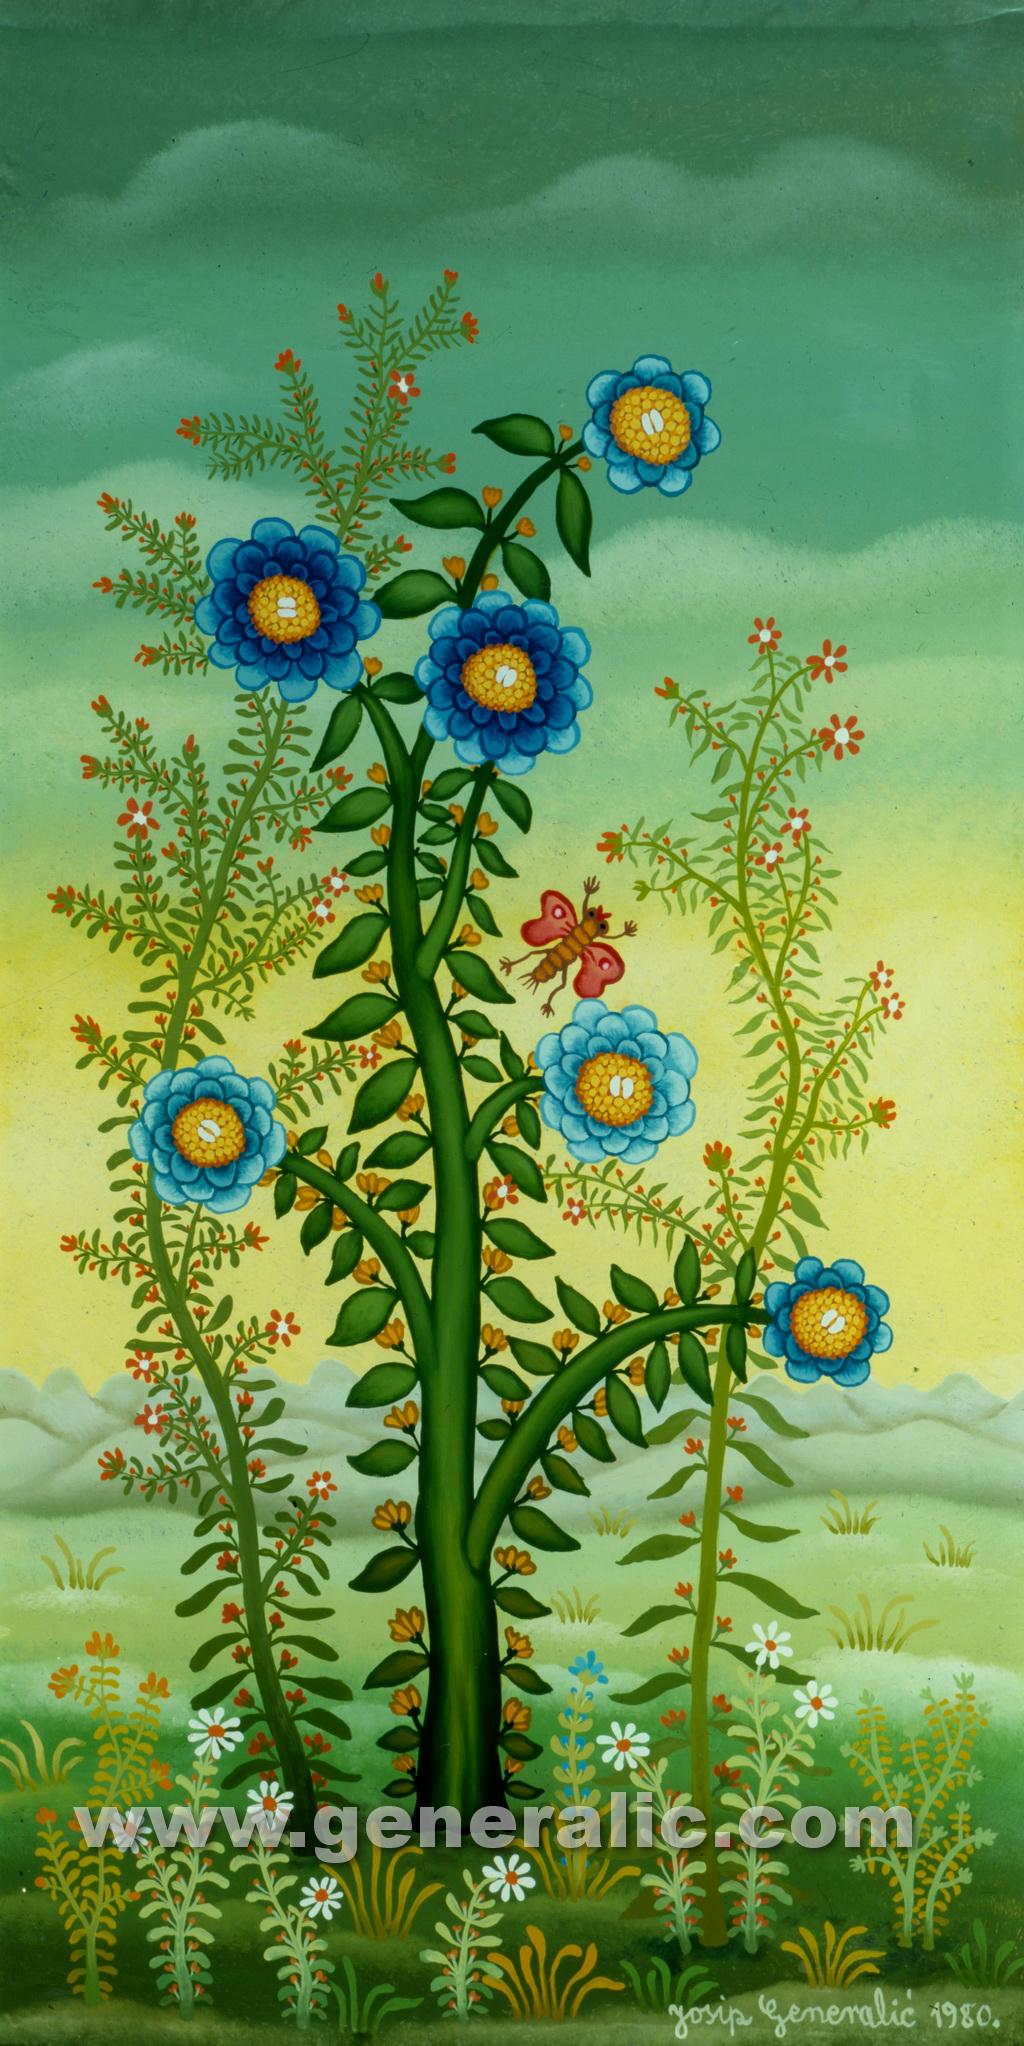 Josip Generalic, 1980, Blue flowers with butterfly, oil on glass, 50x25 cm